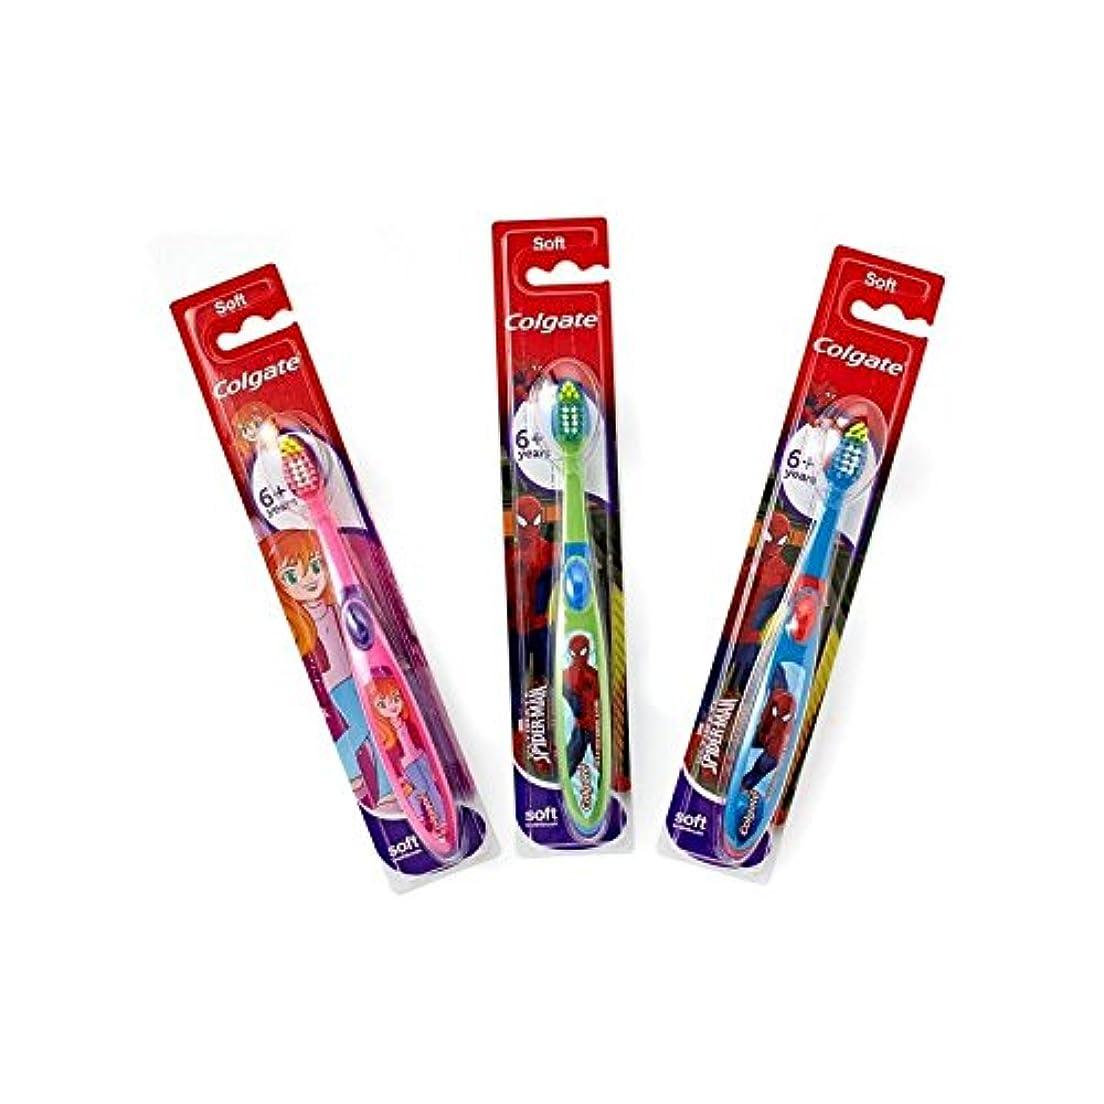 共役飲み込むキリン6+年の歯ブラシを笑顔 (Colgate) (x 6) - Colgate Smiles 6+ Years Toothbrush (Pack of 6) [並行輸入品]